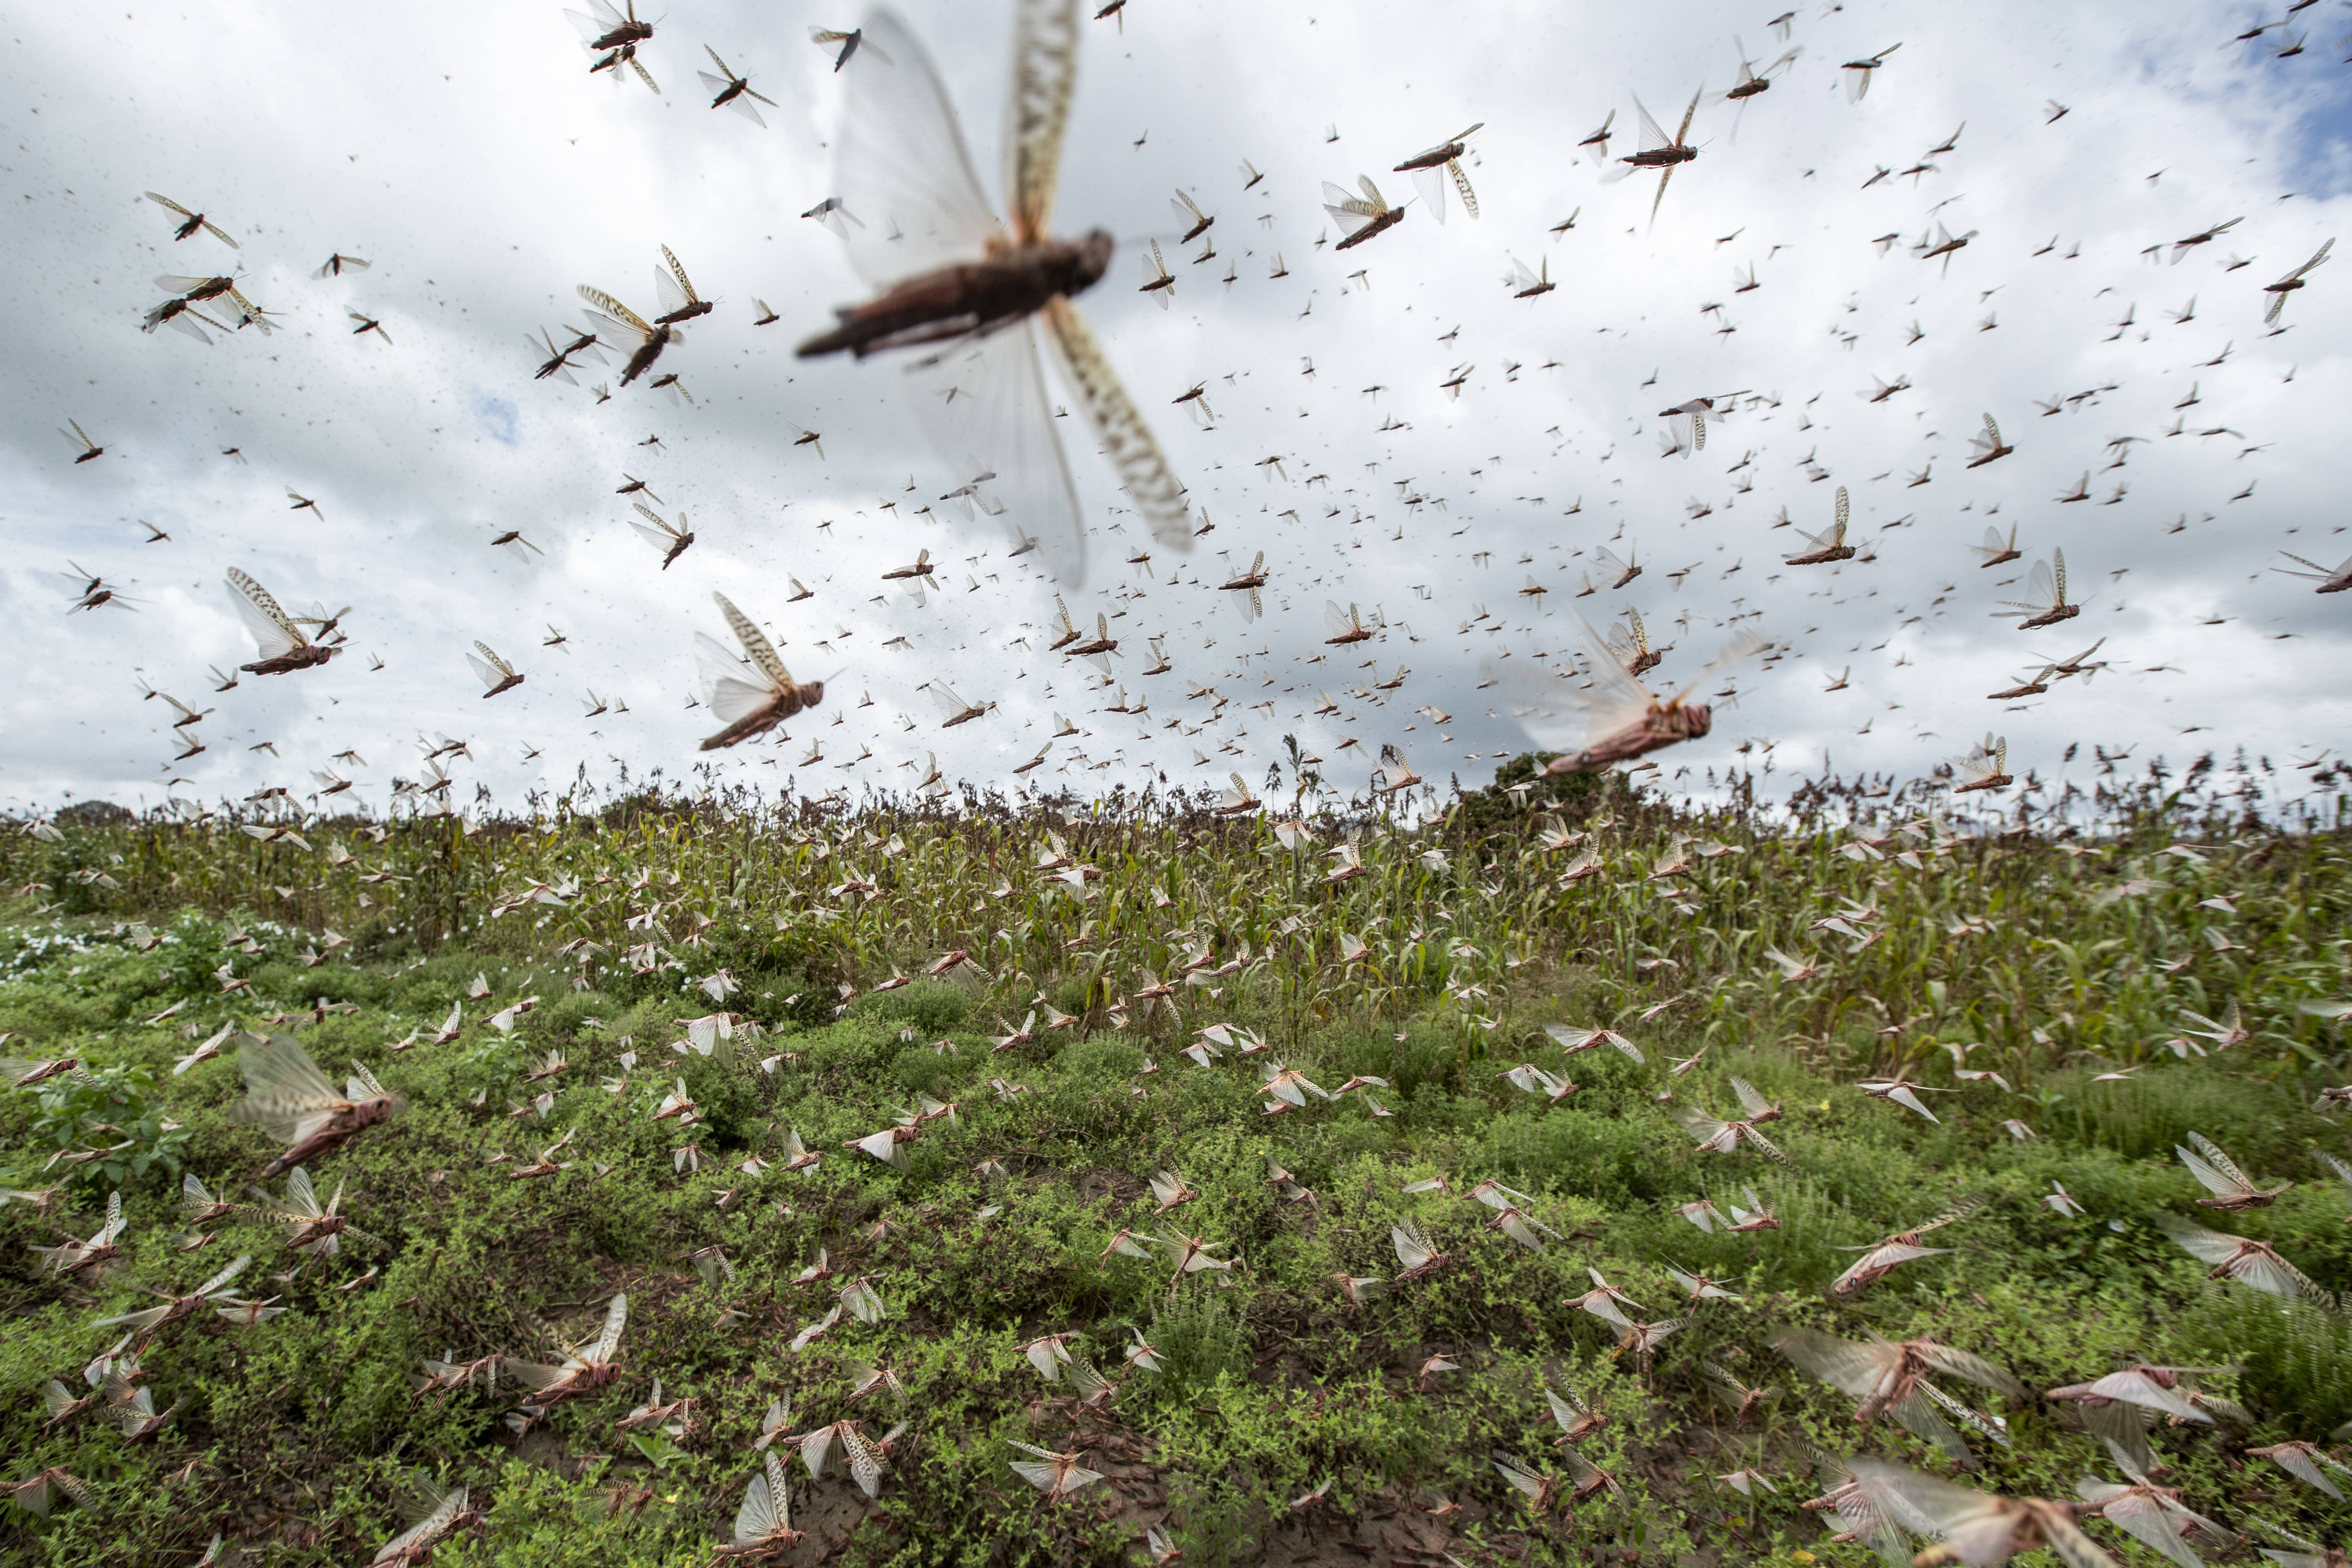 Des essaims de criquets au Kenya, le 24 janvier 2014